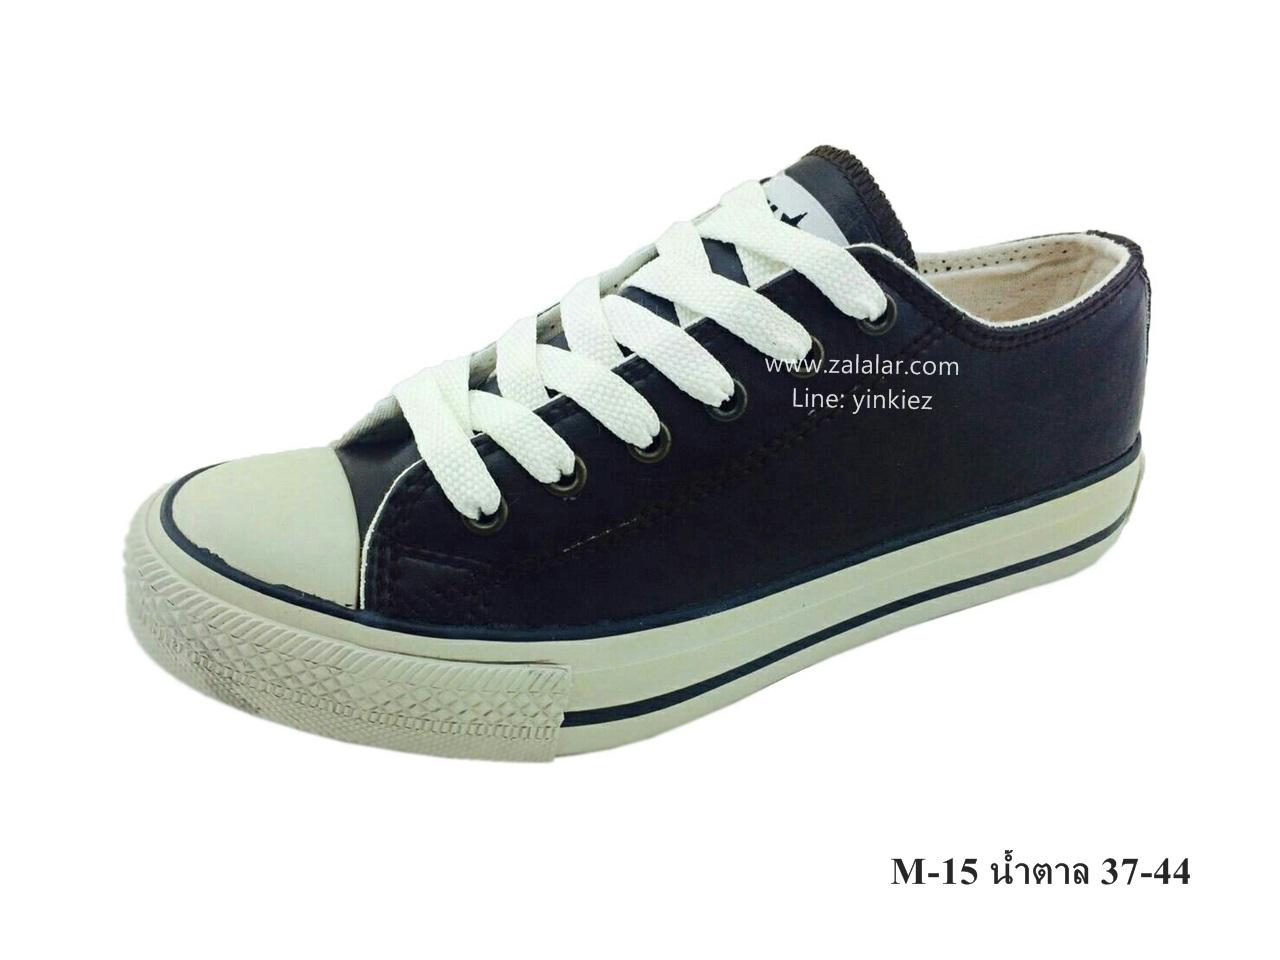 [พร้อมส่ง] รองเท้าผ้าใบแฟชั่น รุ่น M-15 สีน้ำตาล แบบหนัง